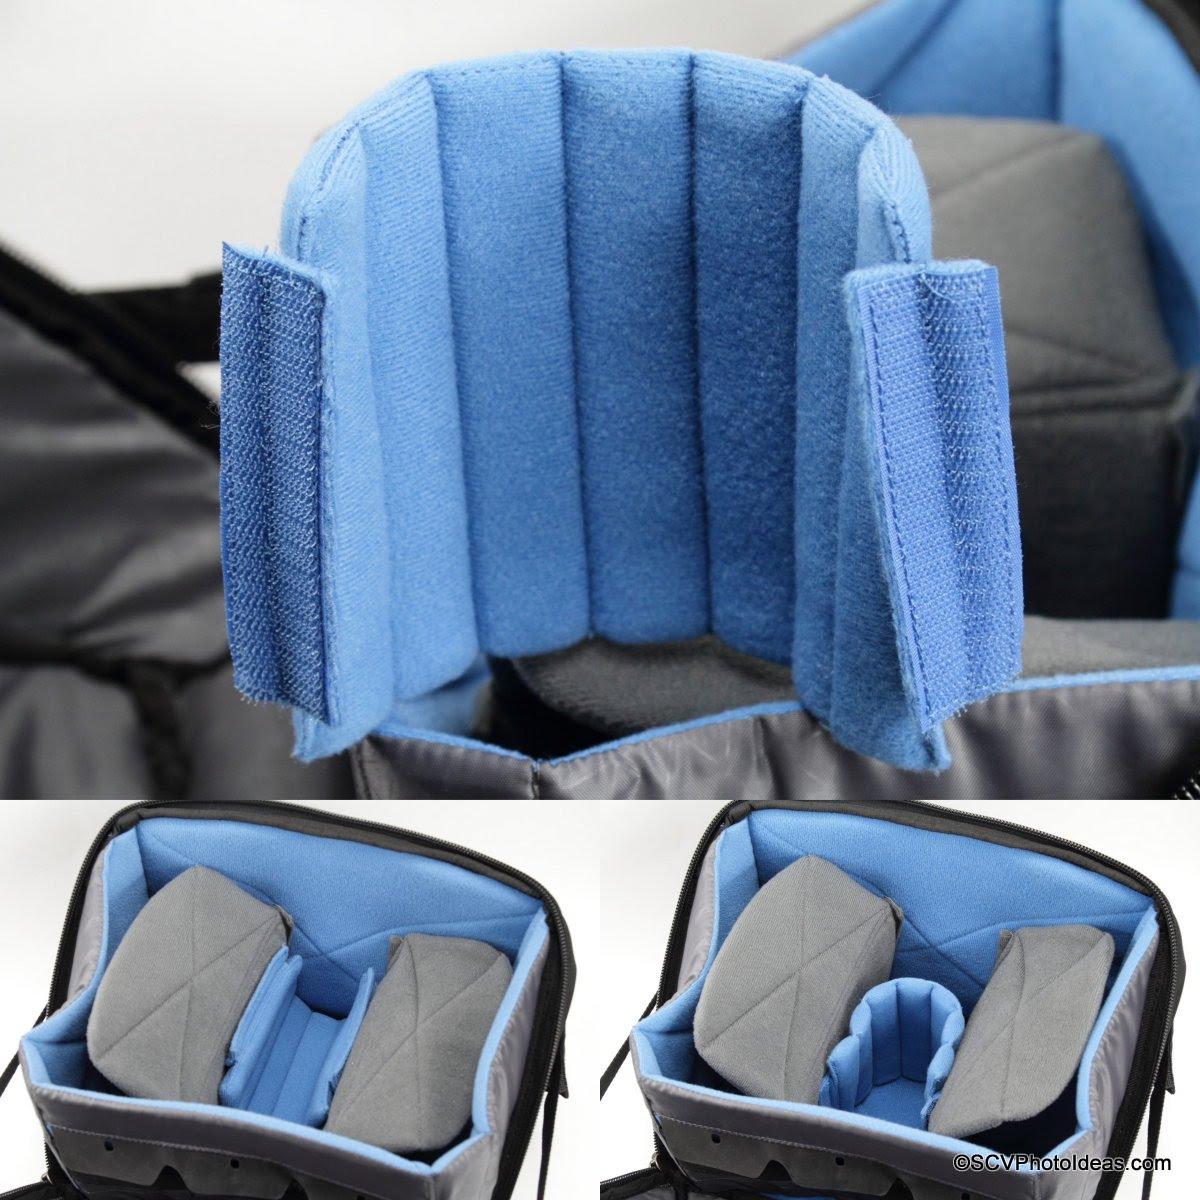 Case Logic DSB-103 main compartment short snake divider detail & usage options